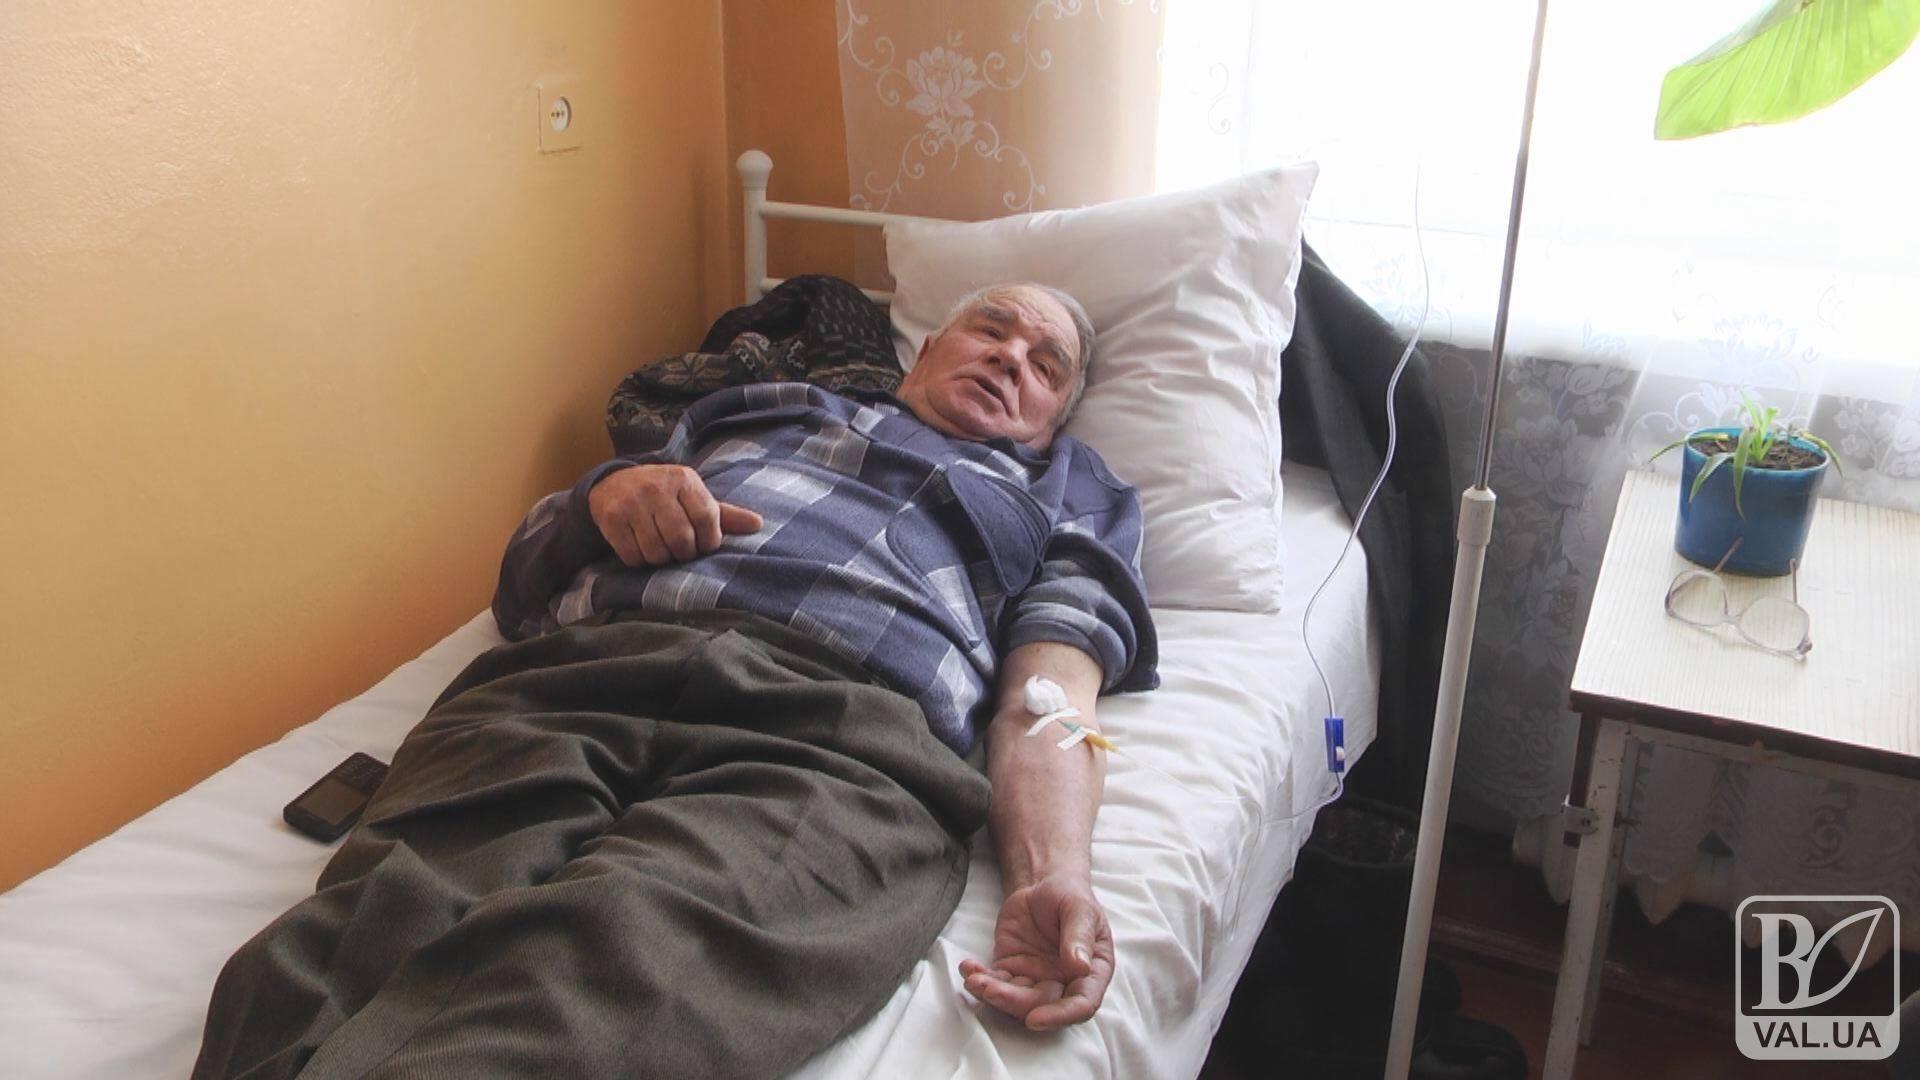 «На мороз після процедур і десятки кілометрів додому». У Любечі закрили стаціонарне відділення. ВІДЕО